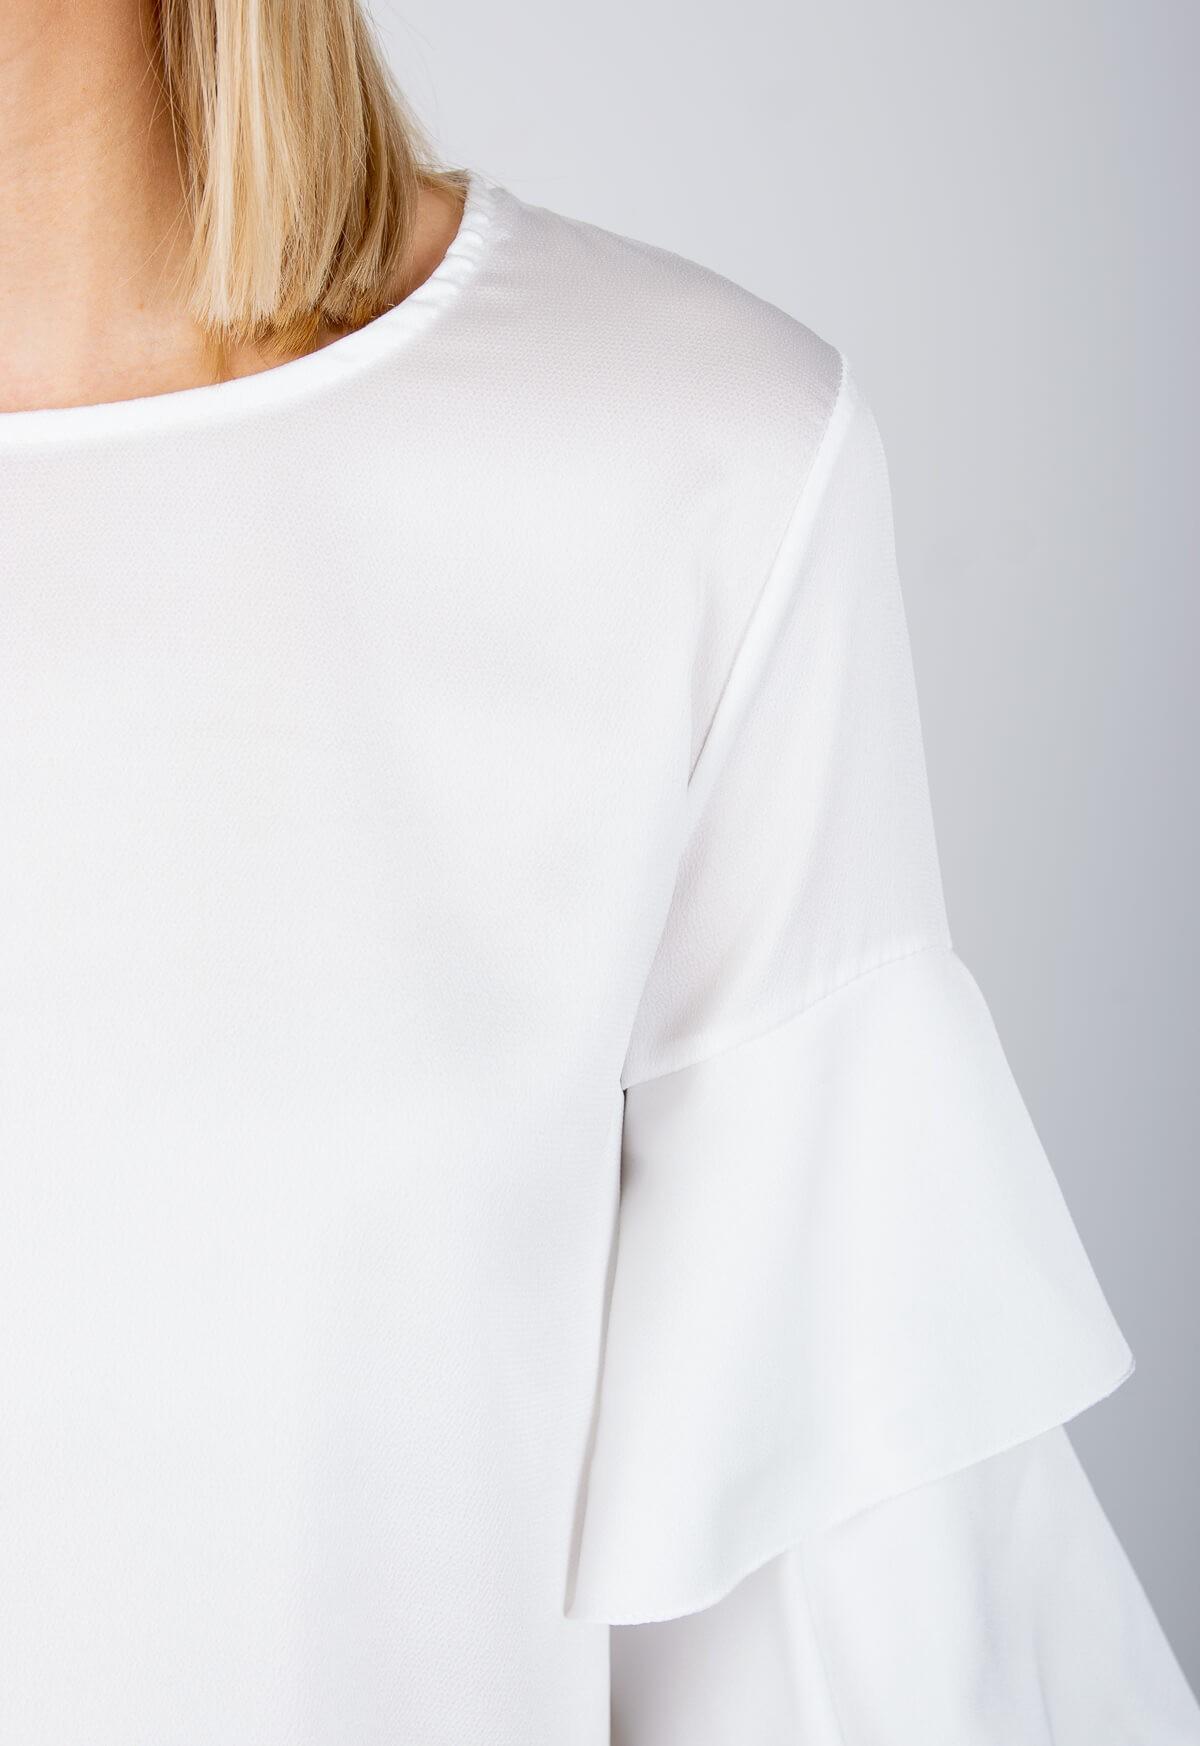 13a7f17754c3 Elegantná biela blúzka s volánovými rukávmi - ROUZIT.SK